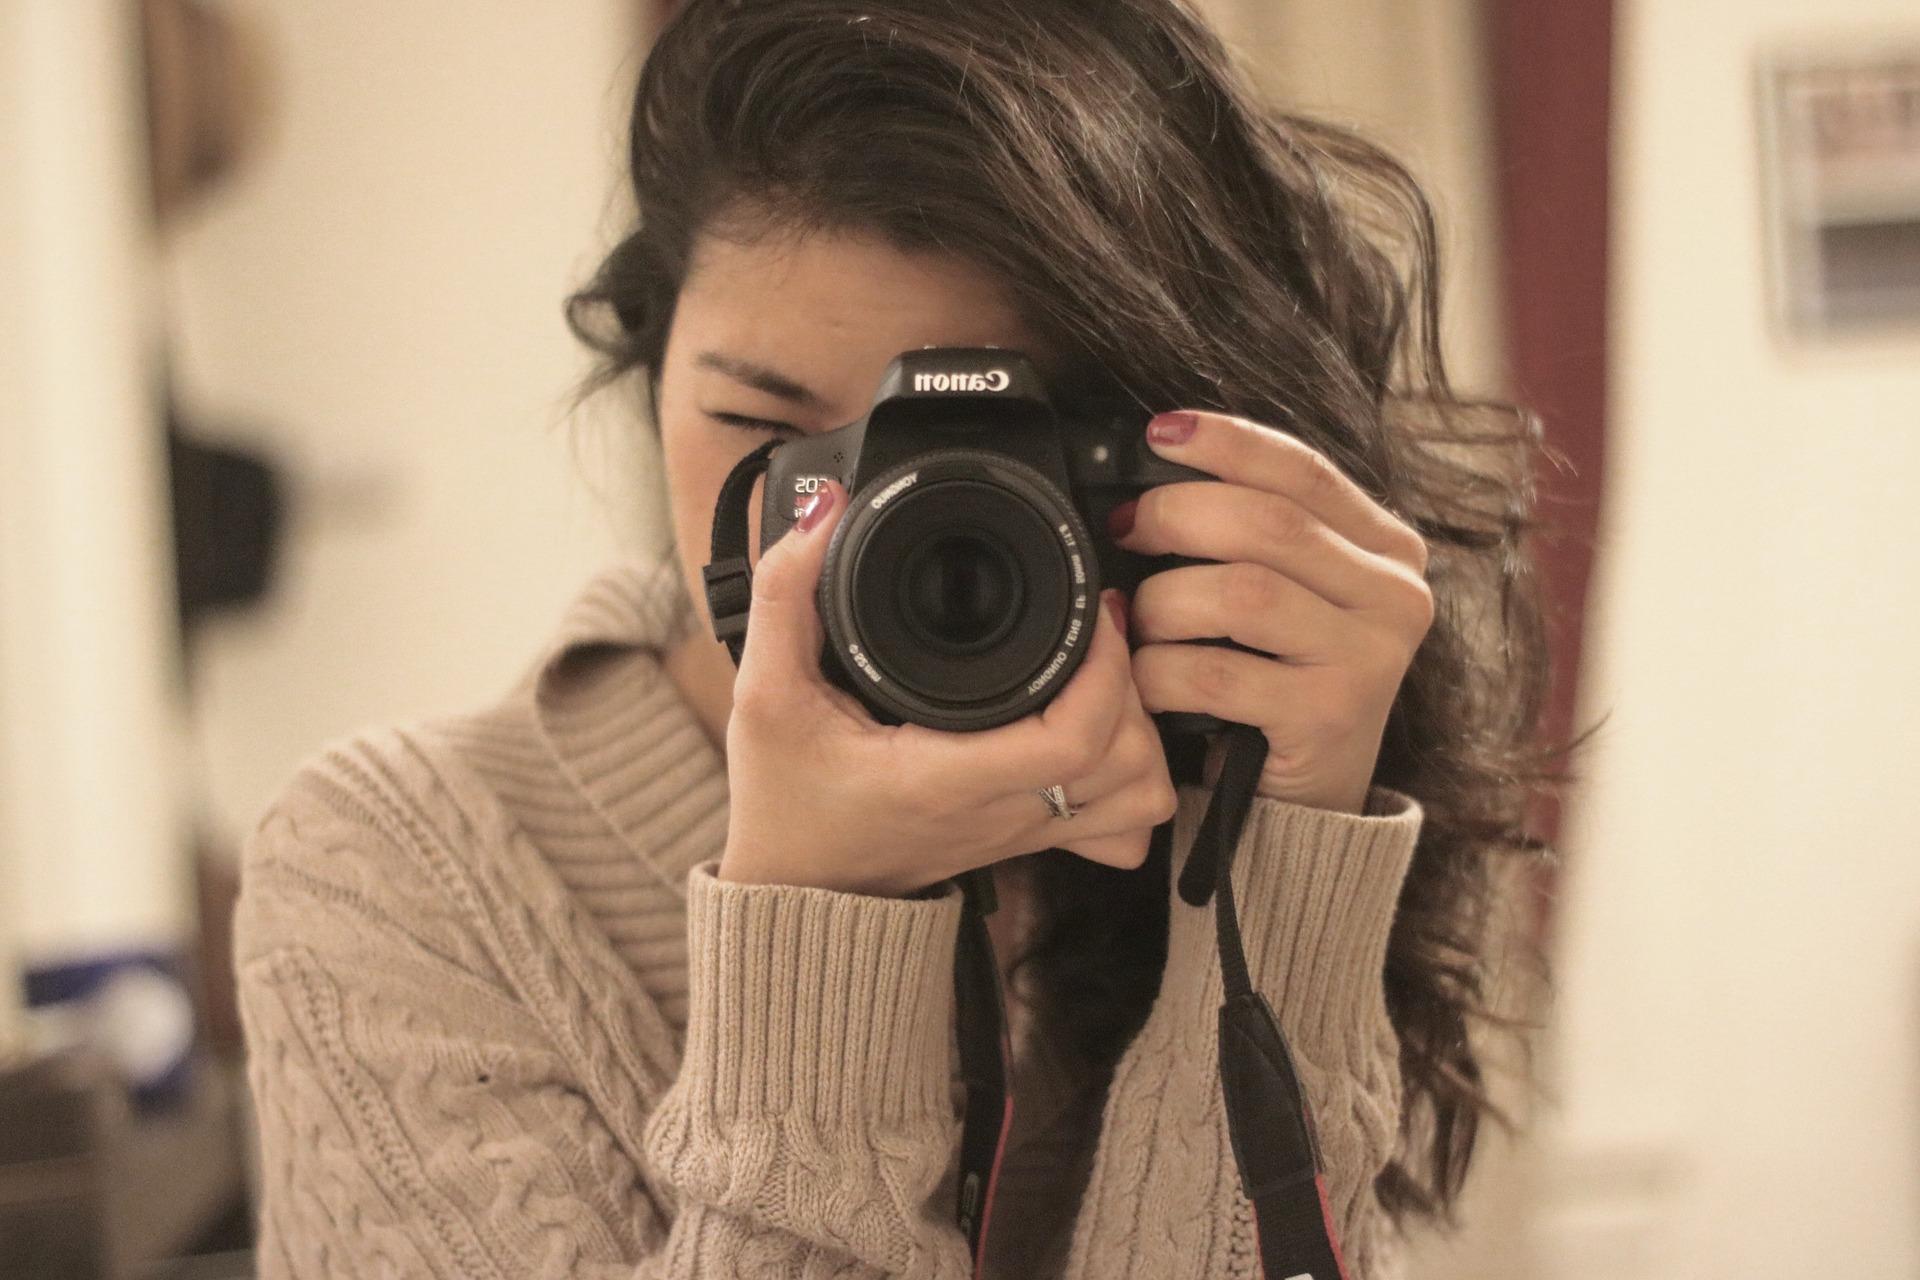 一眼レフ初心者に人気のカメラ教室が60分無料体験できるみたい!インスタの流行で本格的な写真を撮りたい女子が急増中?